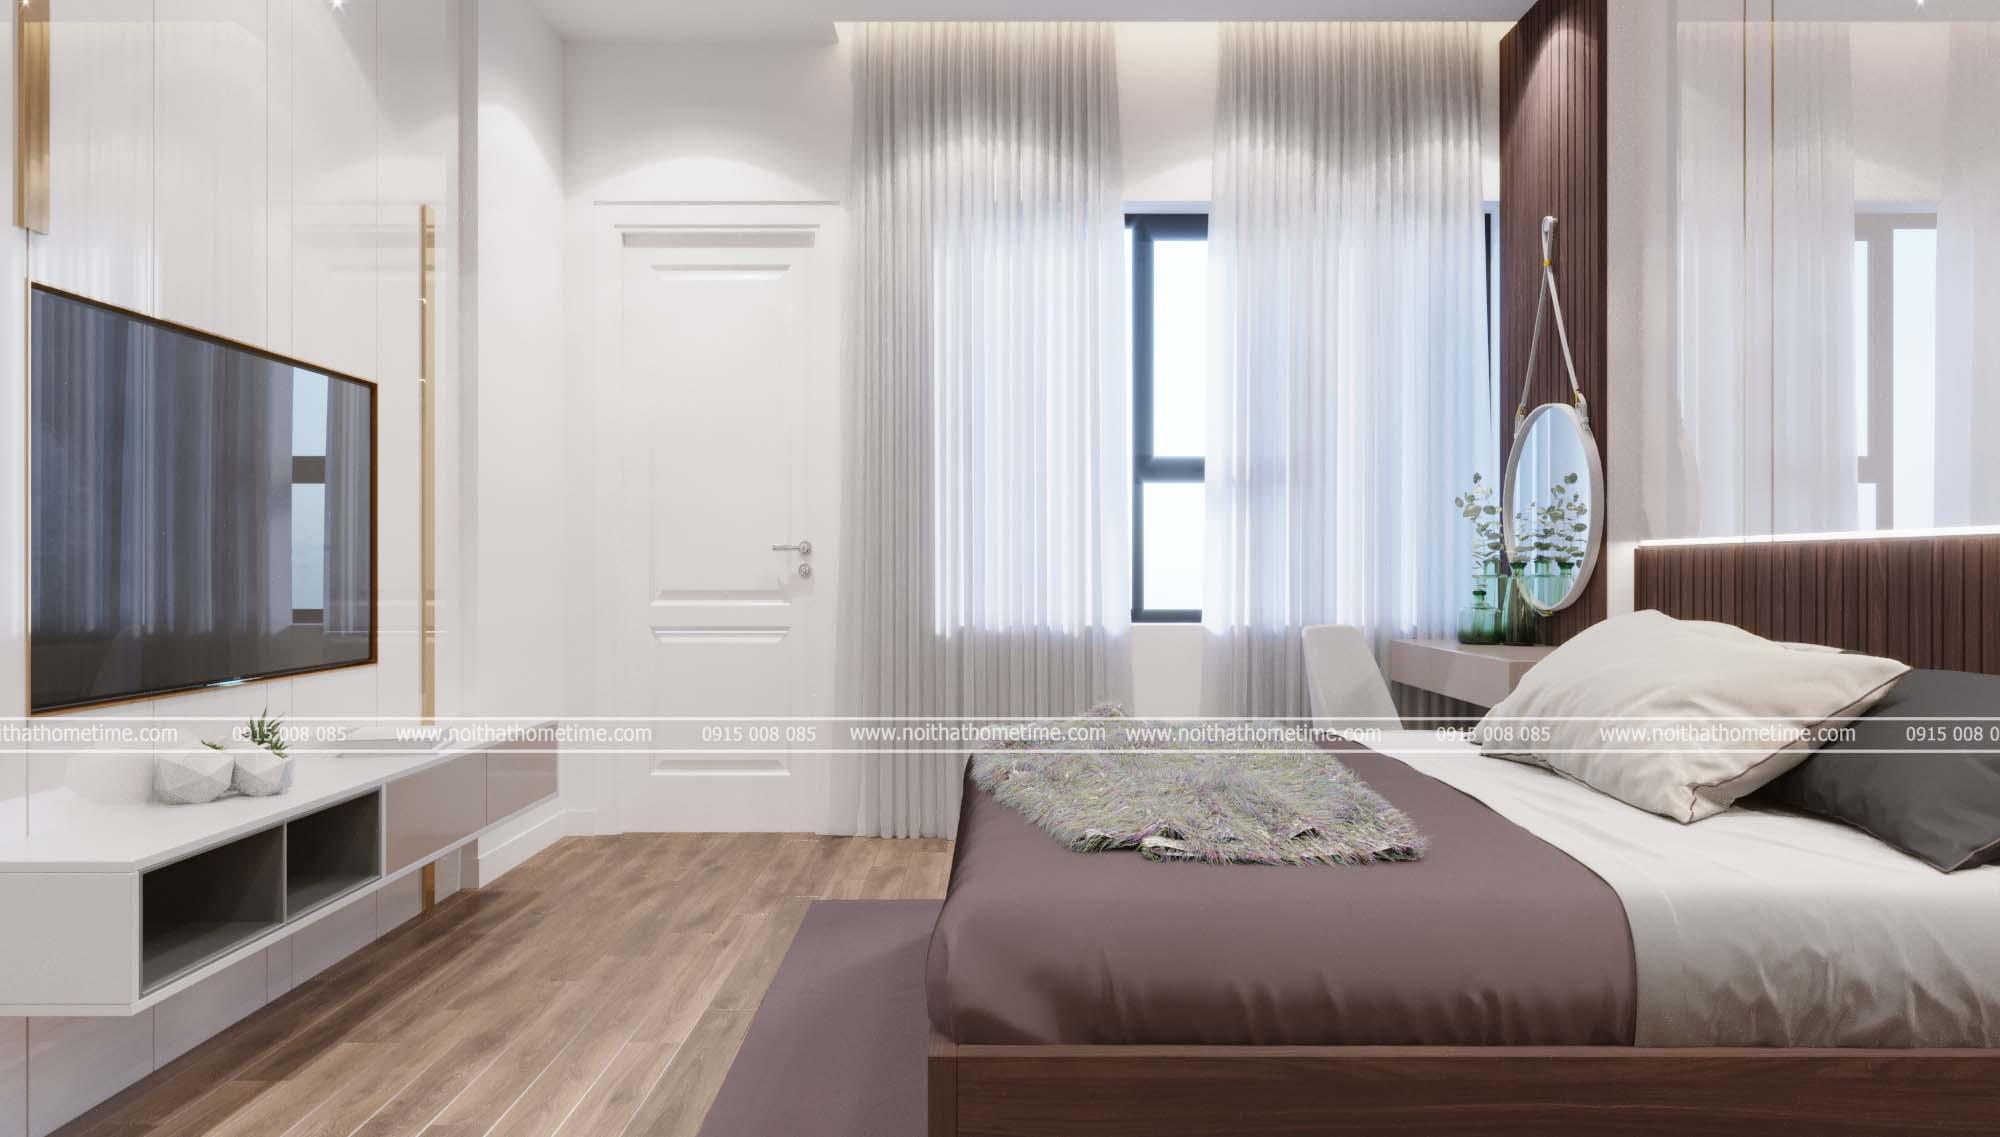 Hình ảnh phòng ngủ master mang phong cách thoáng đãng rộng rãi